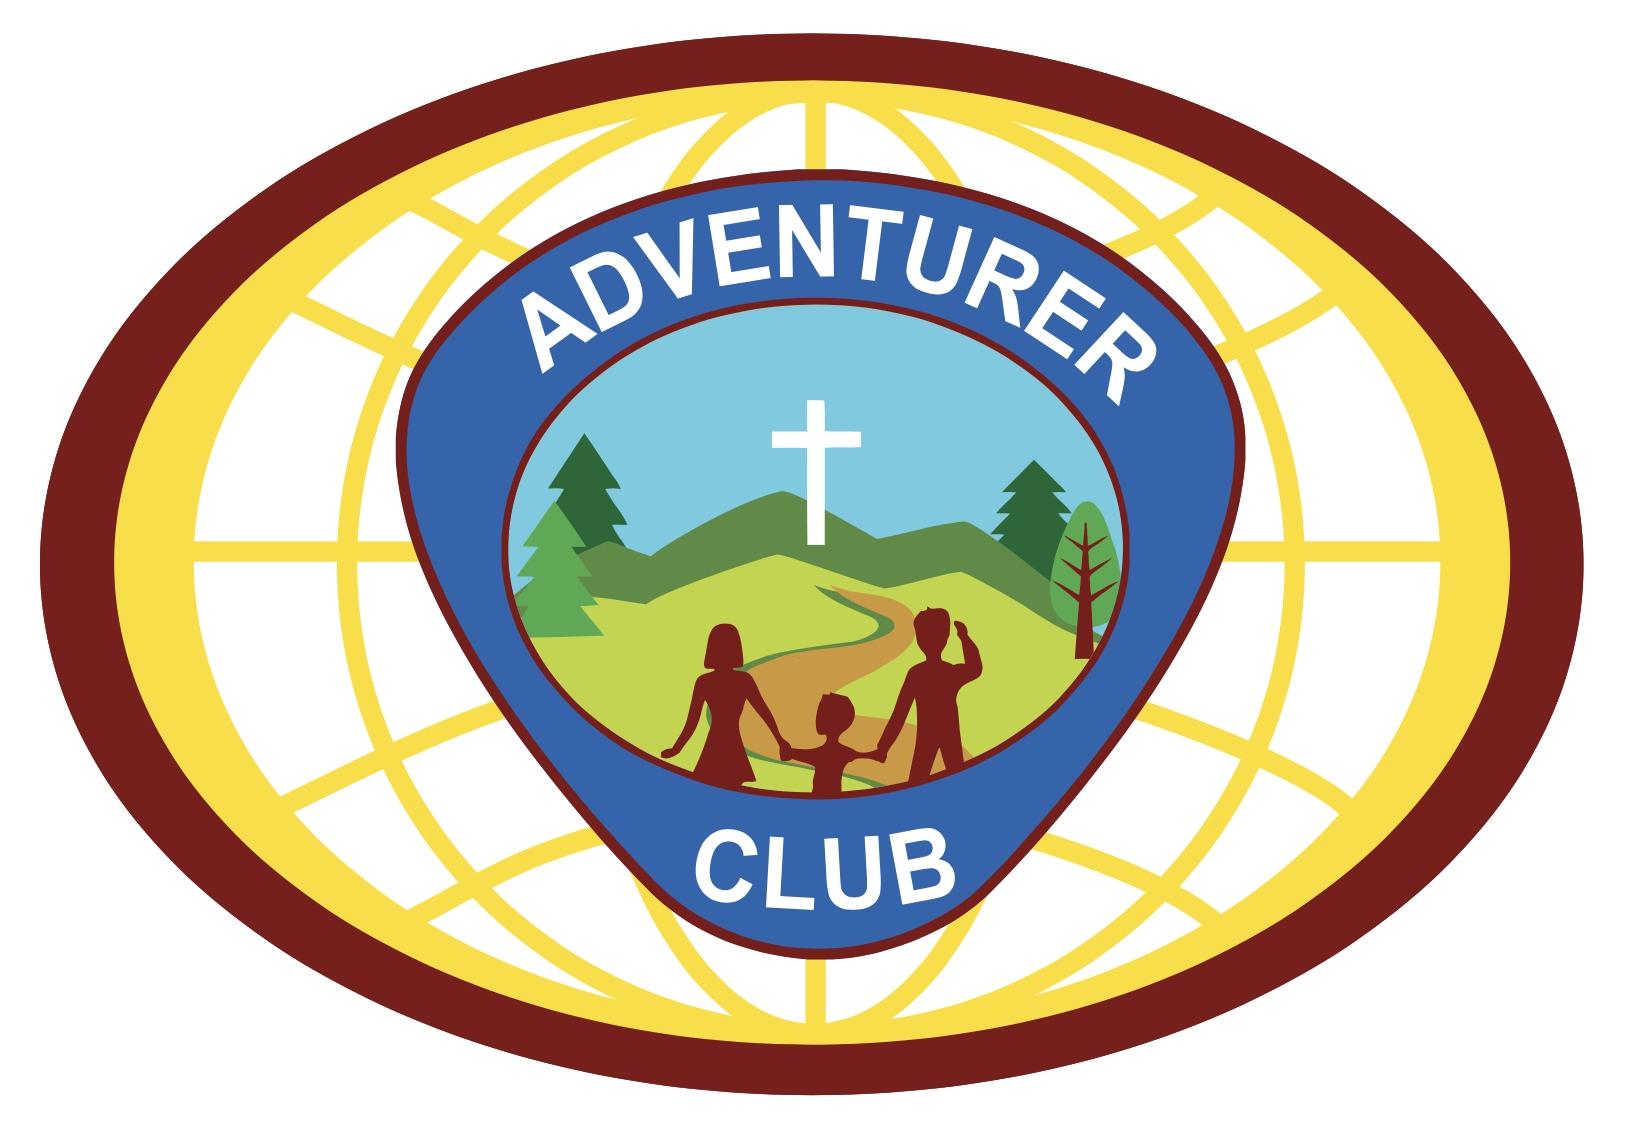 adventist youth adventurer club 6 9 years rh youth adventistchurch org uk seventh day adventist adventurer club manual sda adventurer club manual pdf